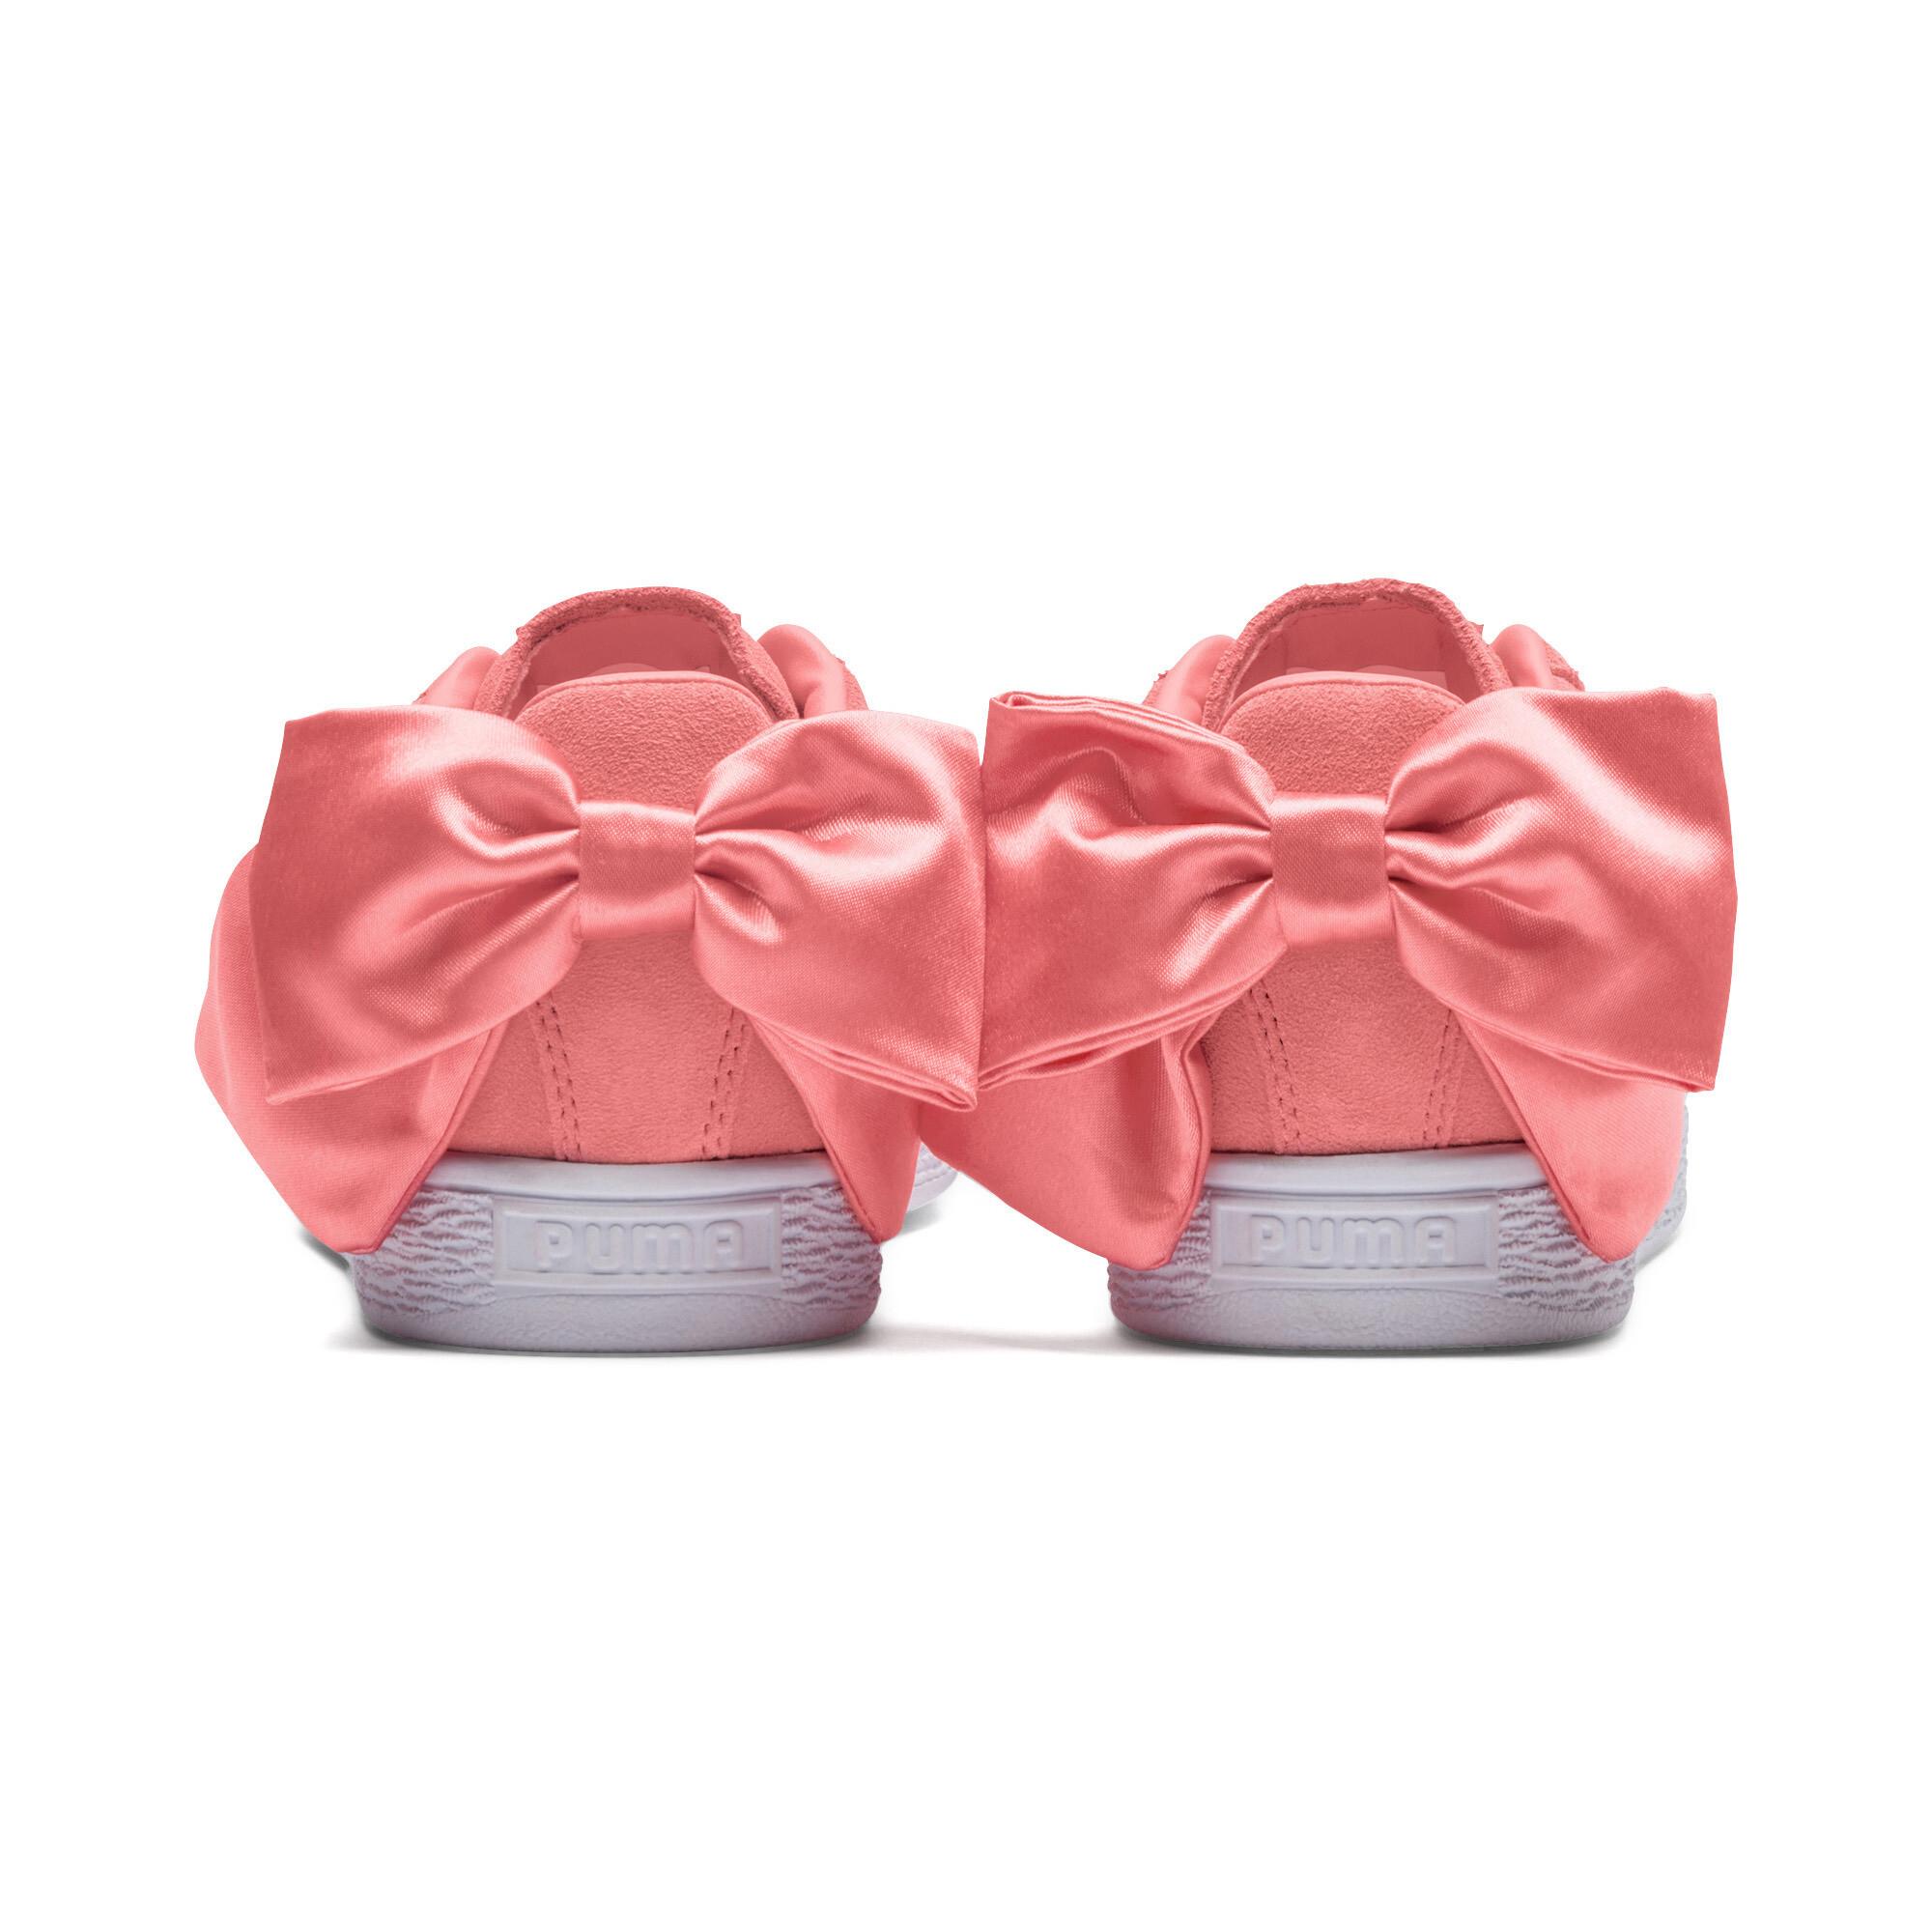 Indexbild 3 - PUMA Suede Bow Damen Frauen Schuhe Sport Classics Neu